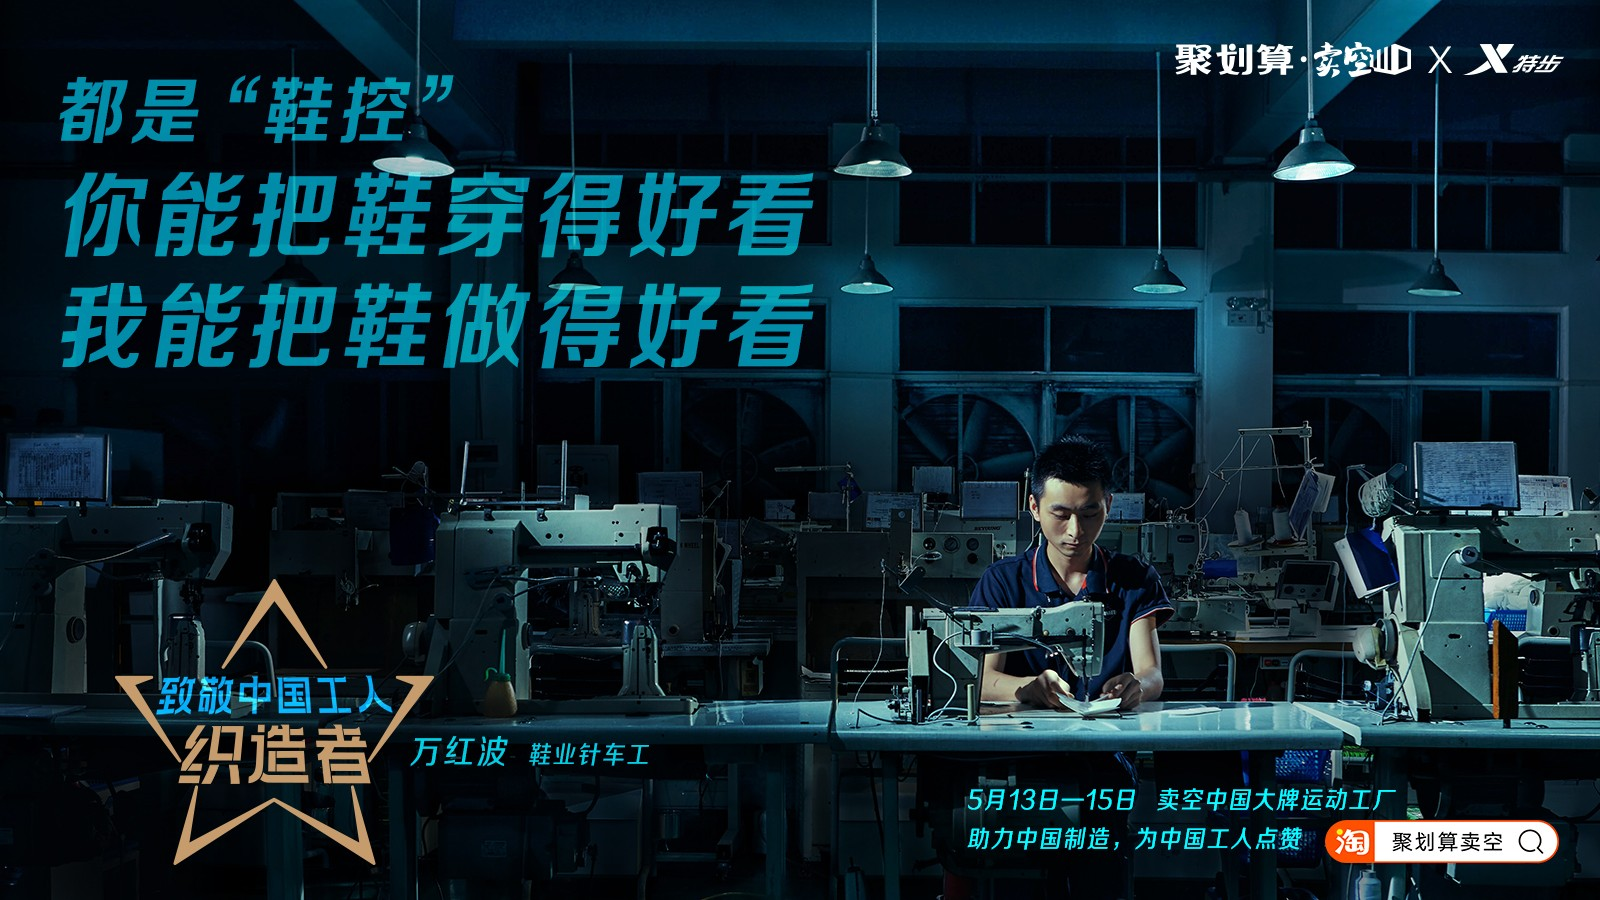 聚划算卖空_致敬中国工人_200506-4.jpg